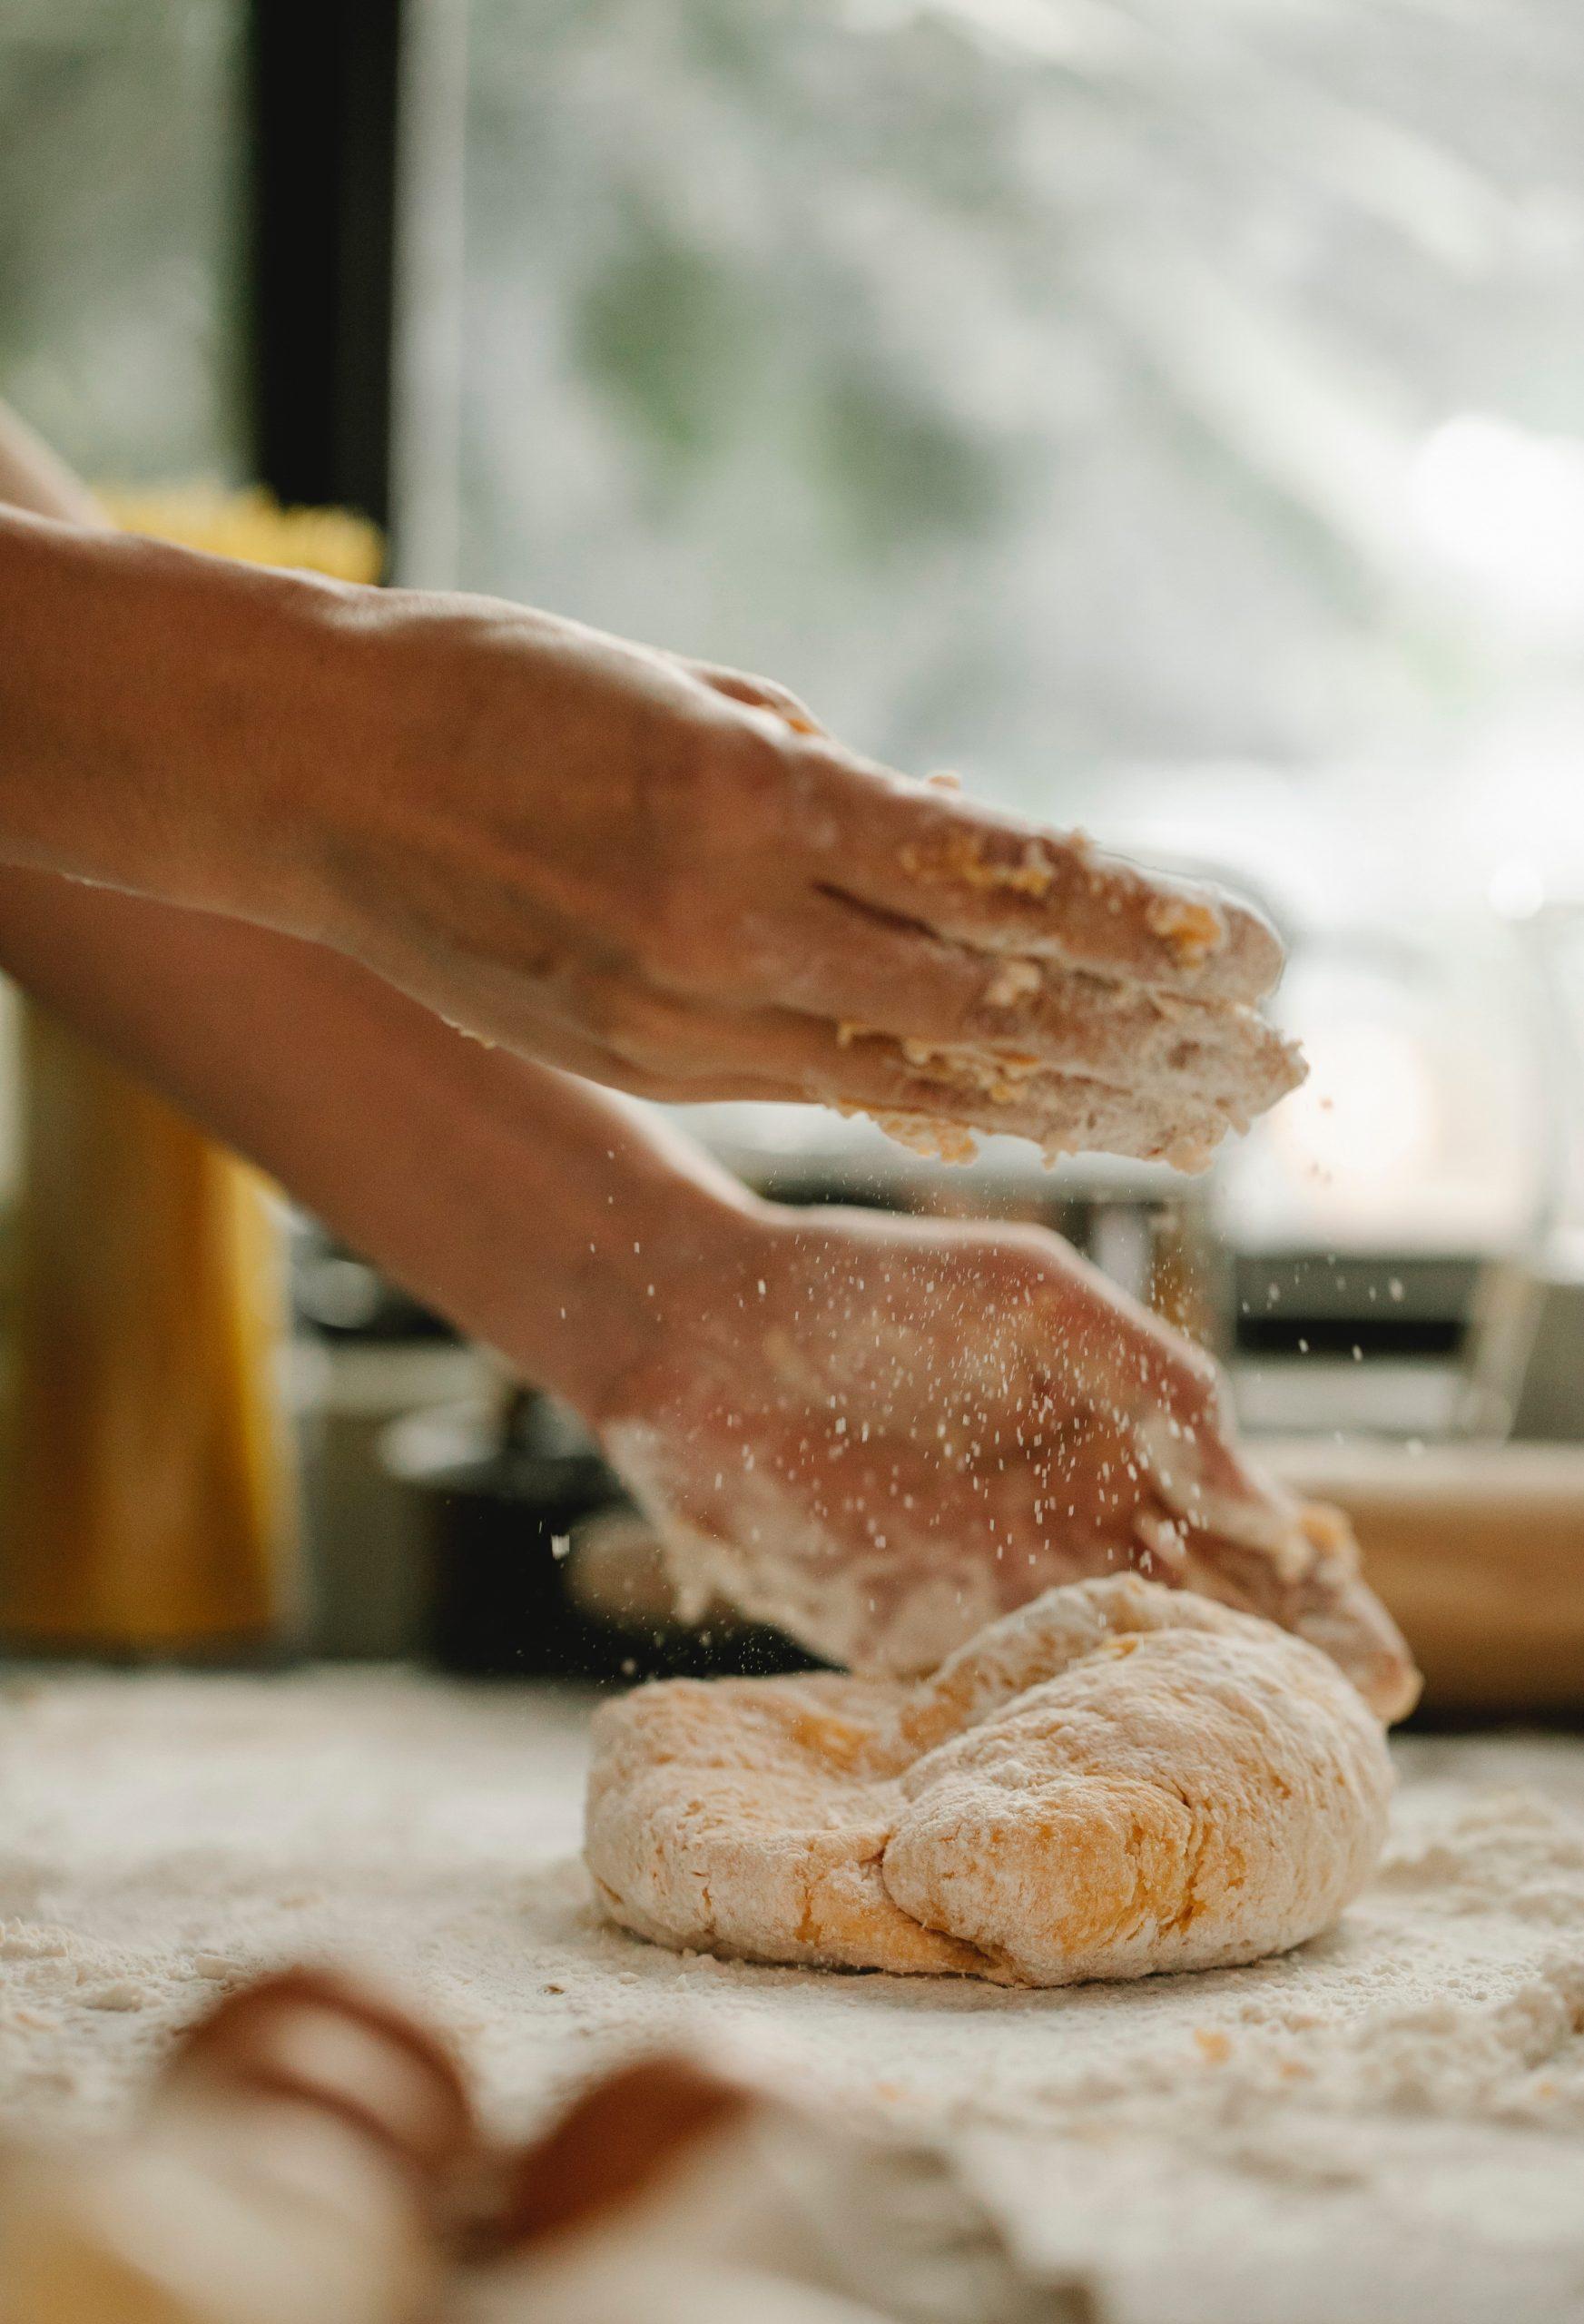 pétrissage patte a pizza kitchenaid professionnel